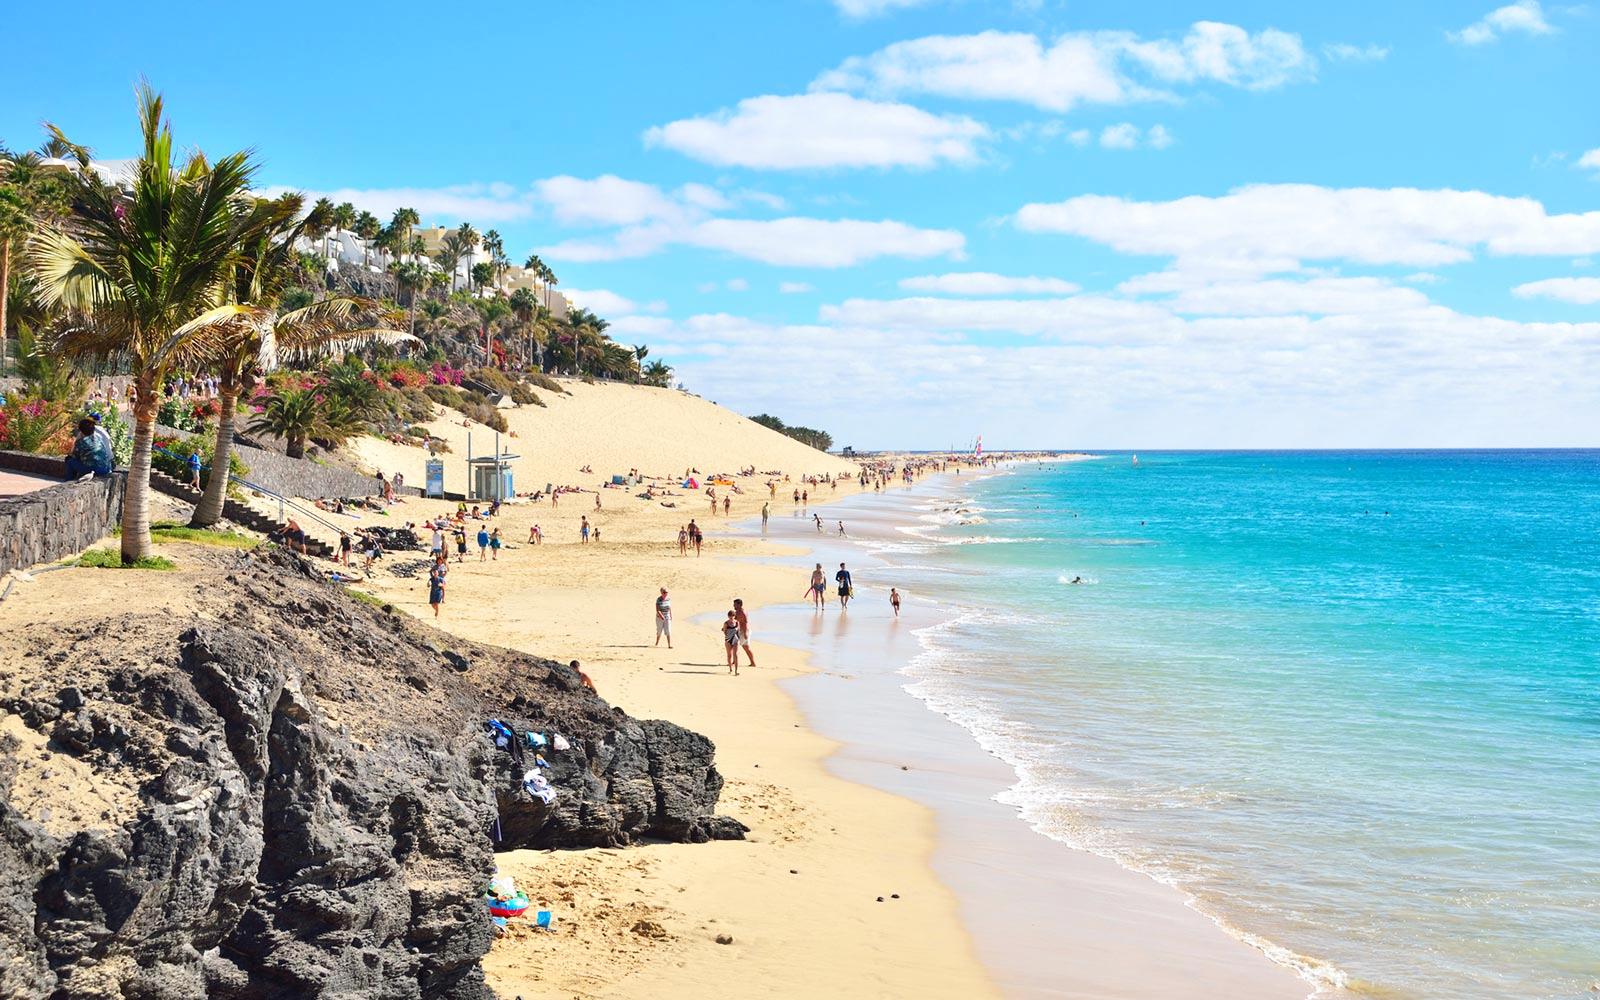 Ofertas de viajes a fuerteventura con vuelos directos - Fuerteventura hoteles con encanto ...